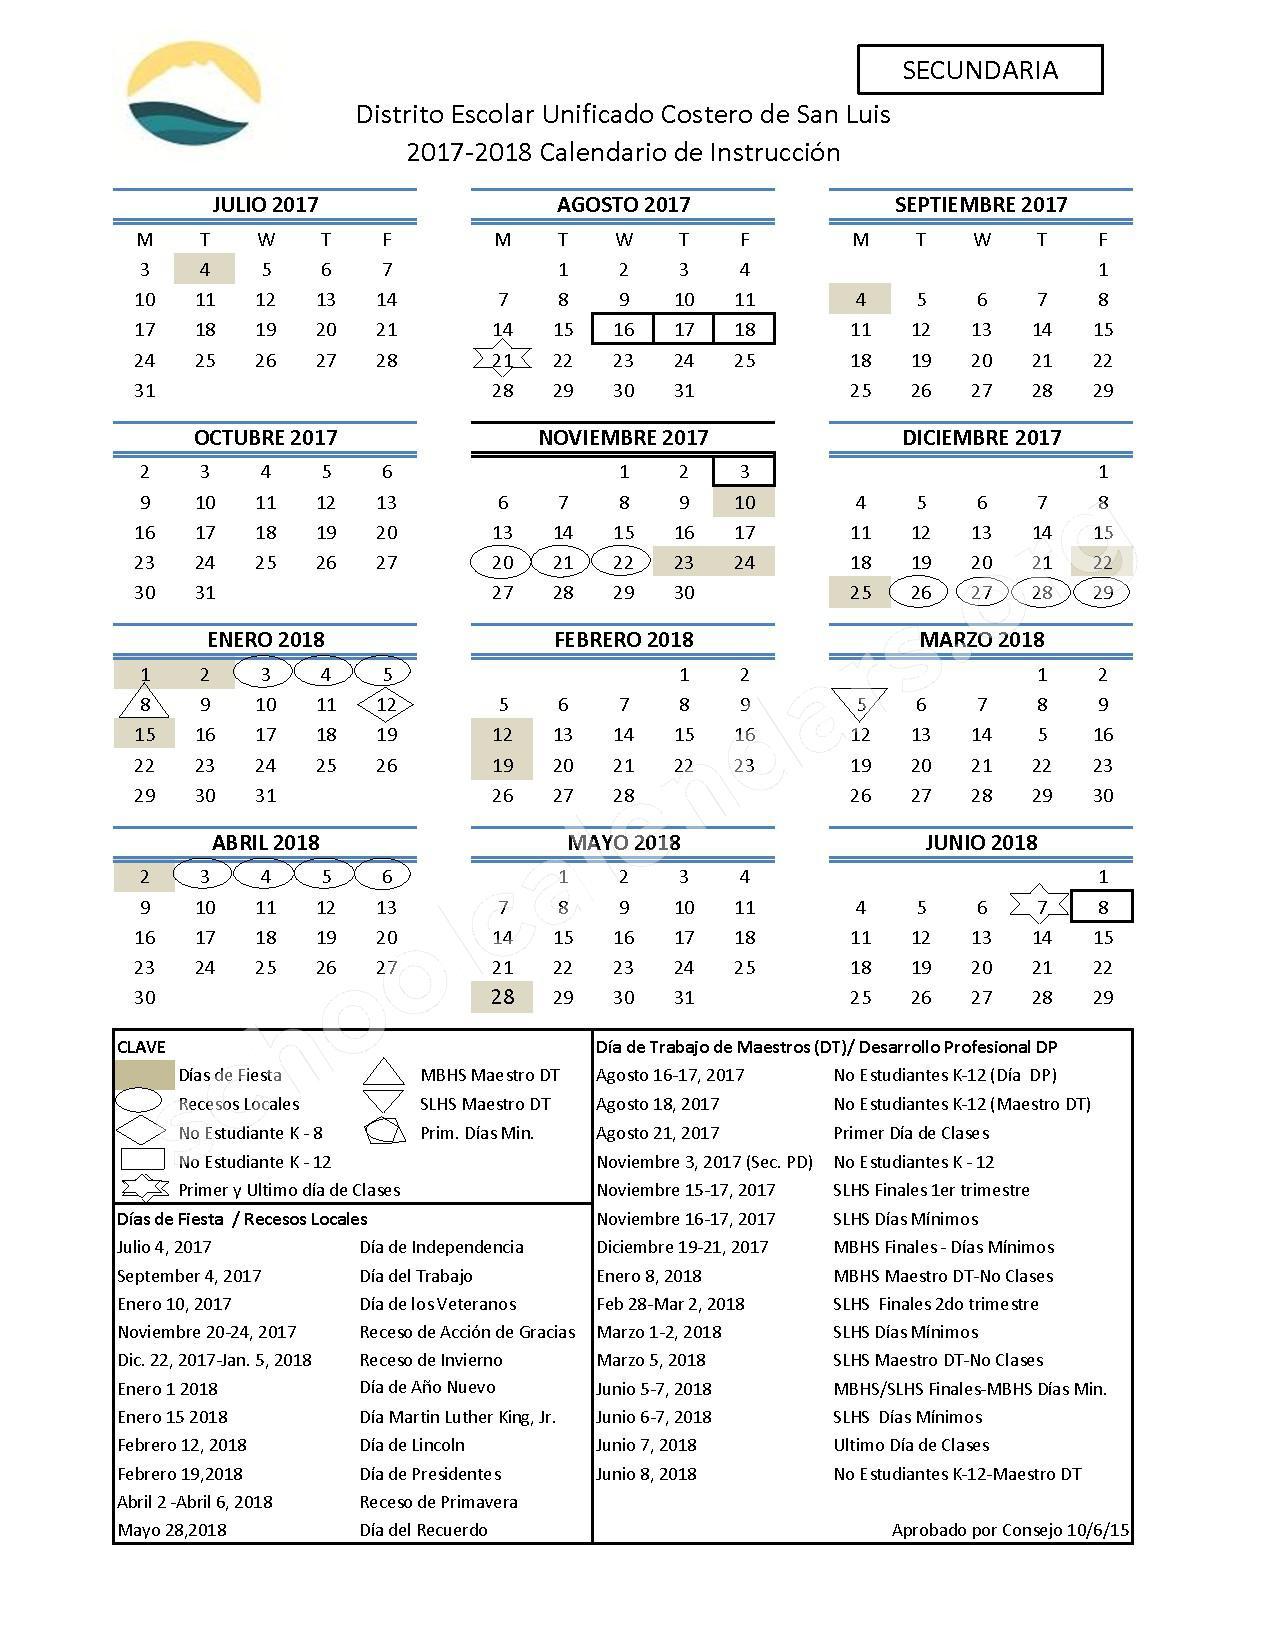 2017 - 2018 Calendario Escolar (Secundaria) – San Luis Coastal Unified School District – page 1